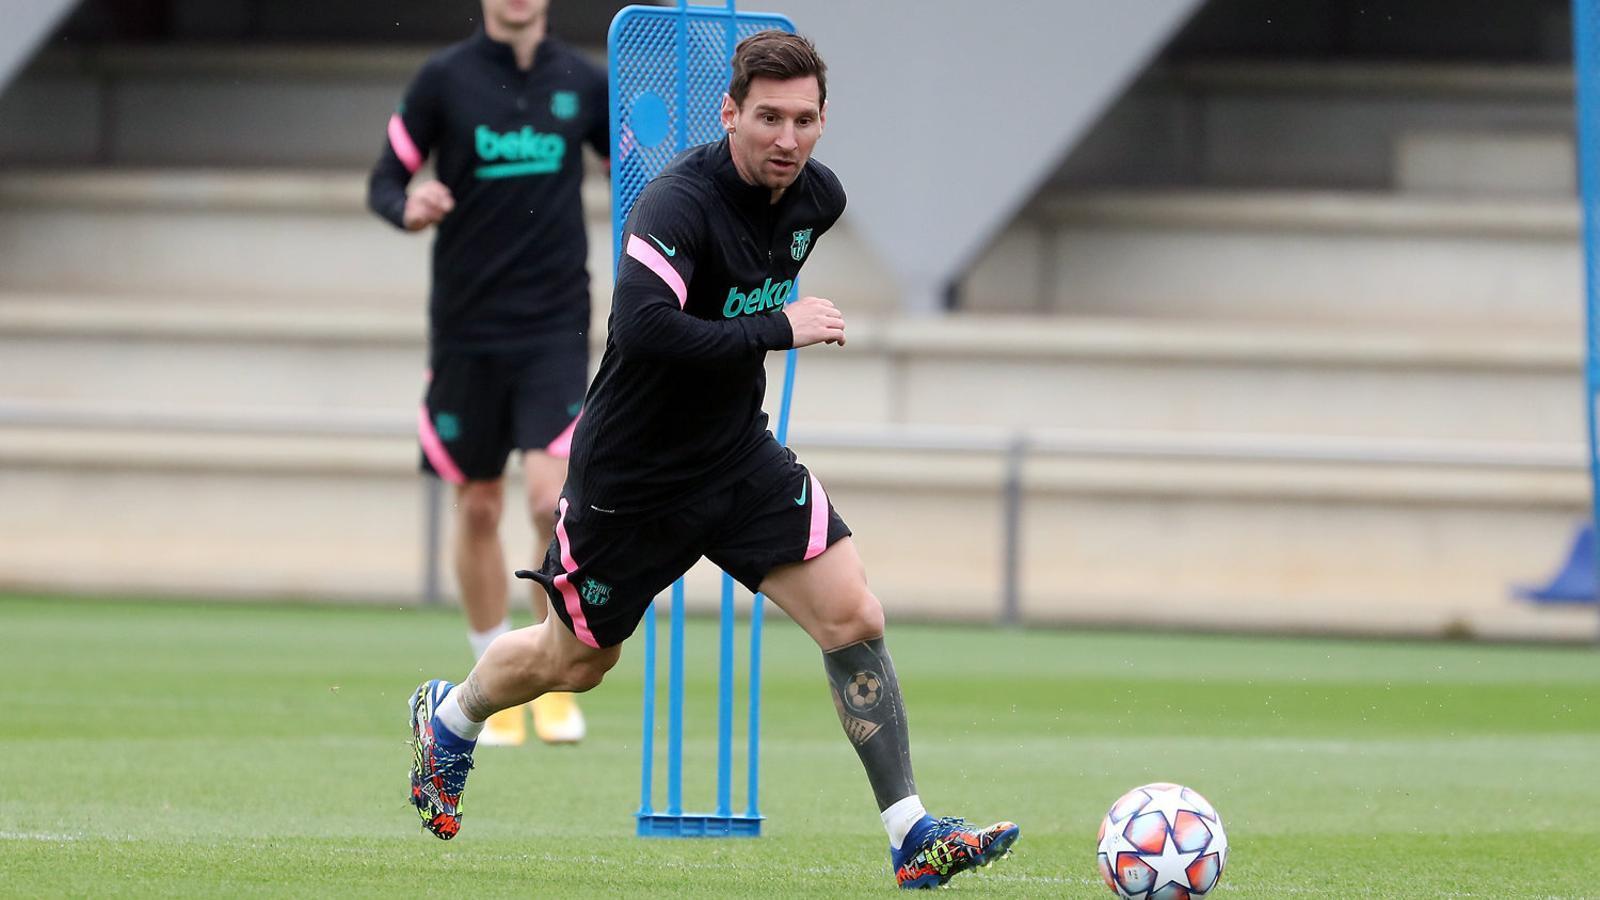 El Barça necessita la millor versió de Messi, que només ha pogut celebrar un gol en aquest inici de curs.